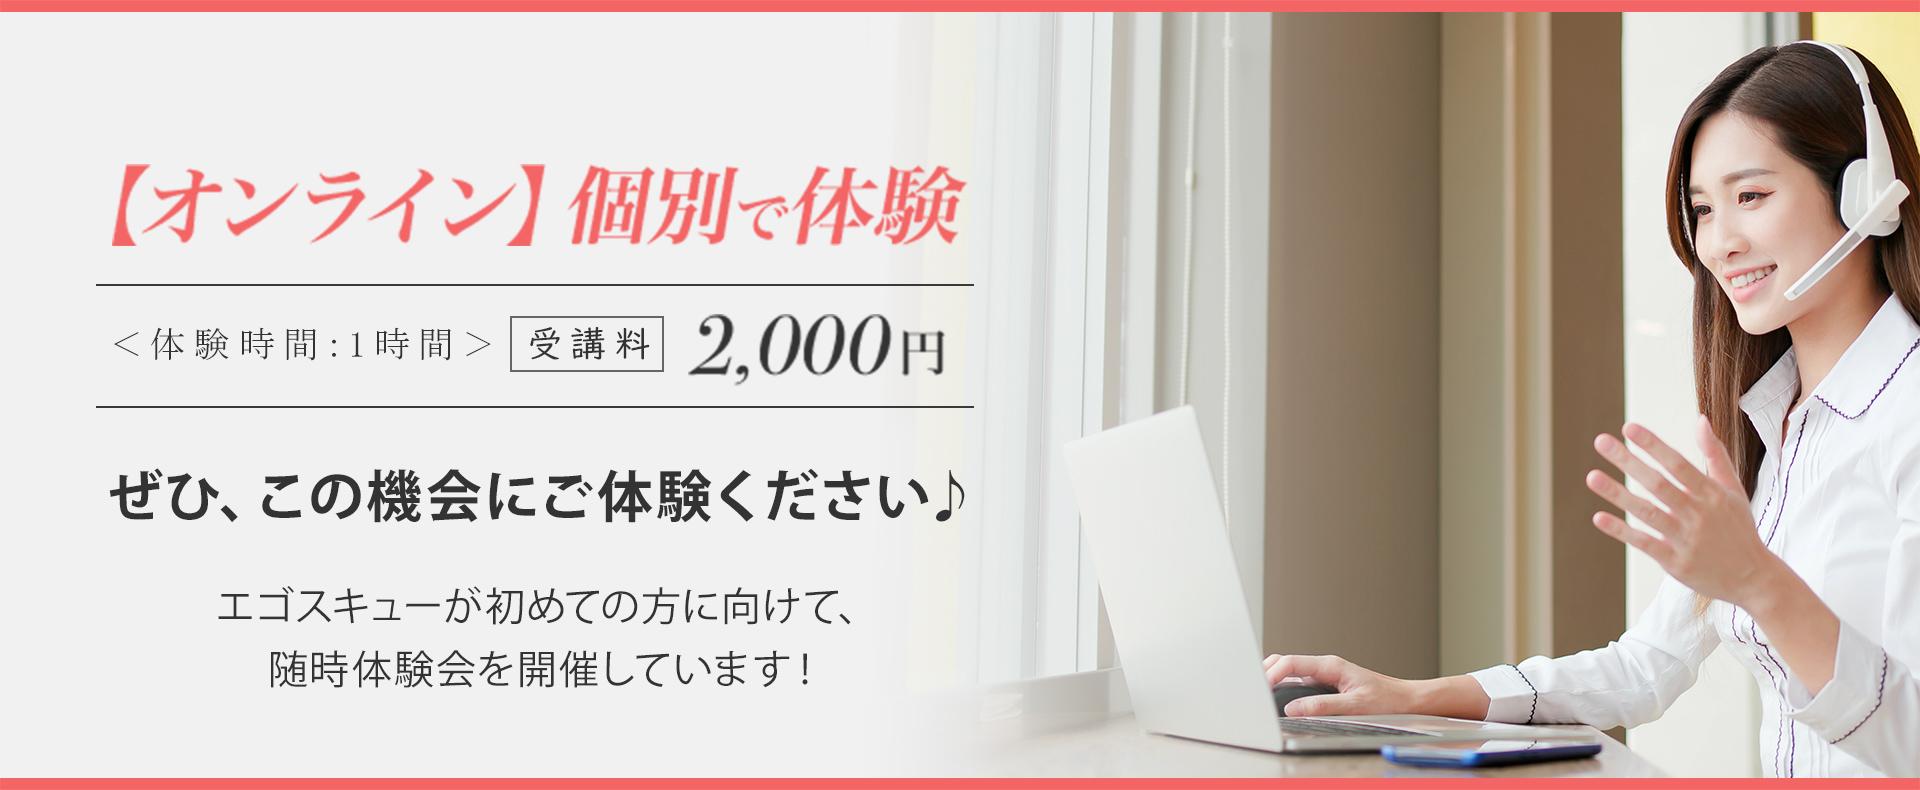 【オンライン】個別で体験